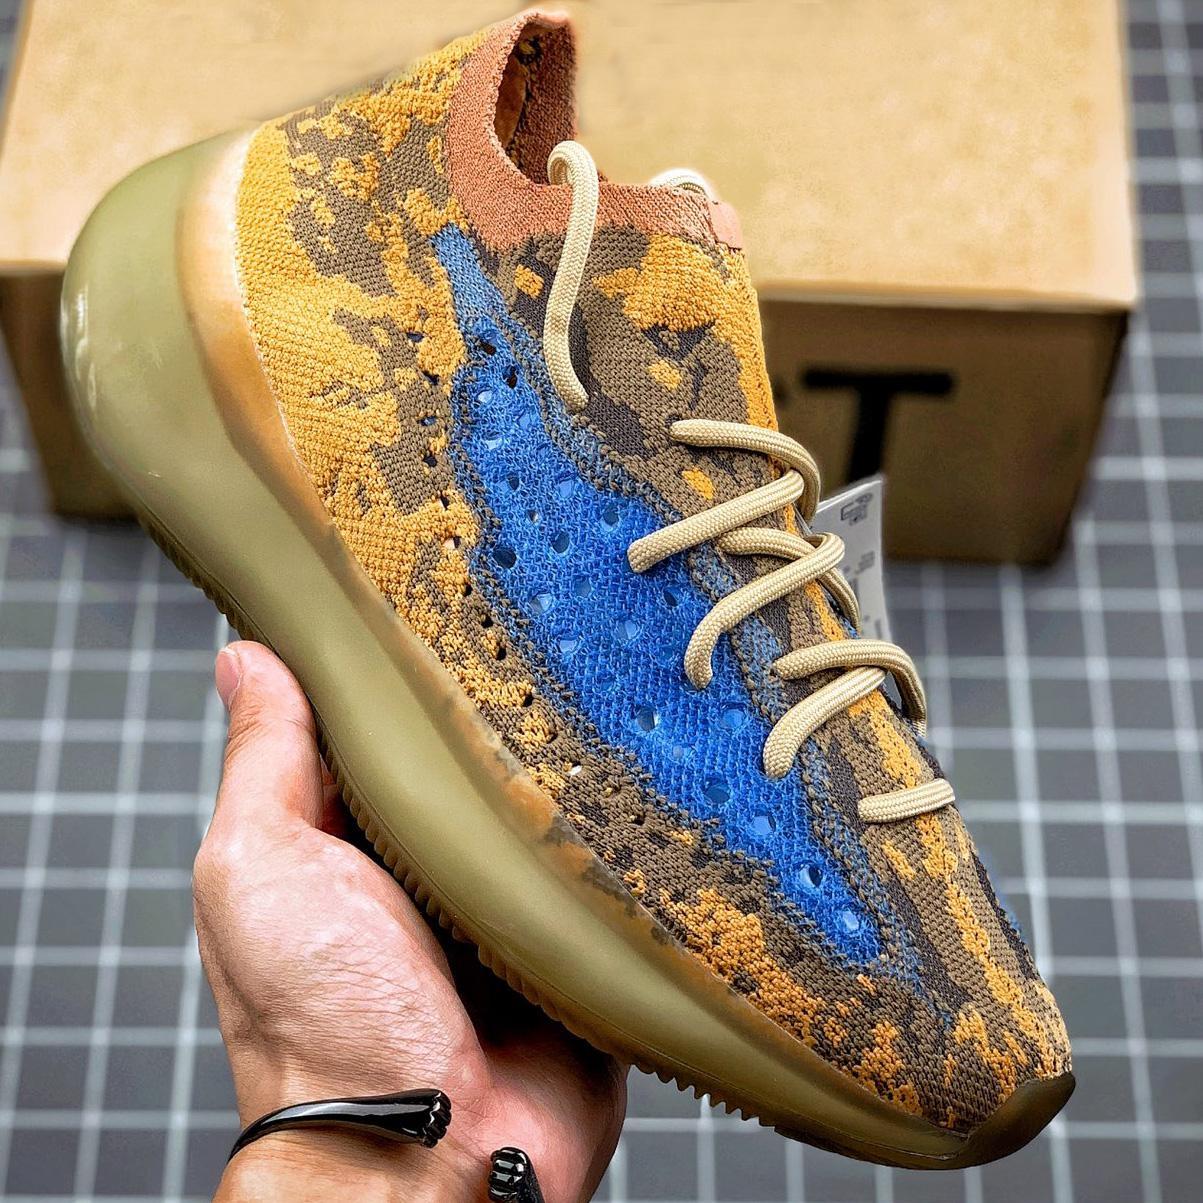 380 Kanye West Hiperespaciales Lundmark Antlia para mujer para hombre azul de avena reflectante Glow Negro arcilla verdadera forma de estrella cebra Trainer las zapatillas de deporte